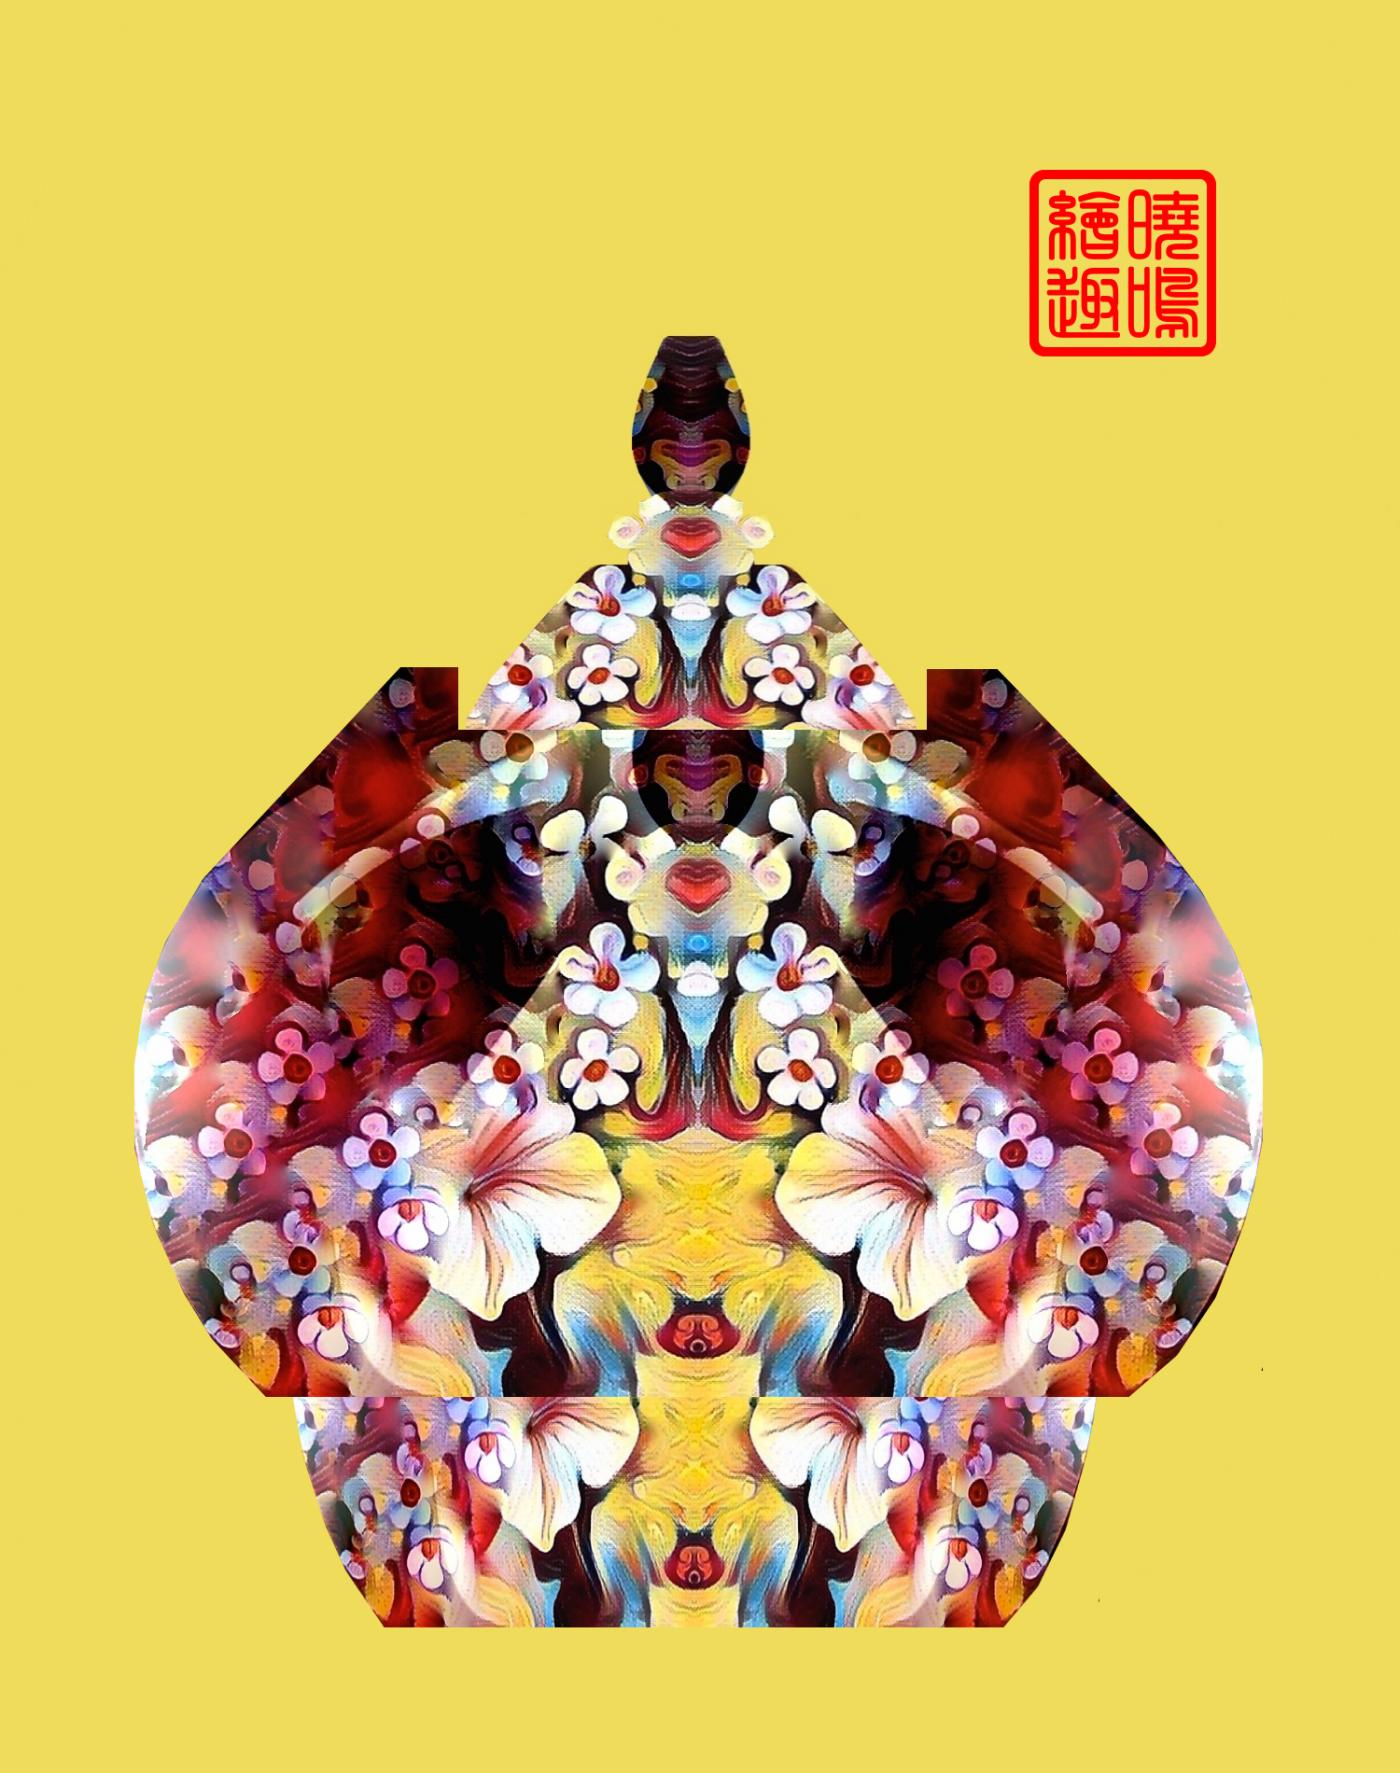 【晓鸣独创】摄影绘制美术展(续)_图1-19